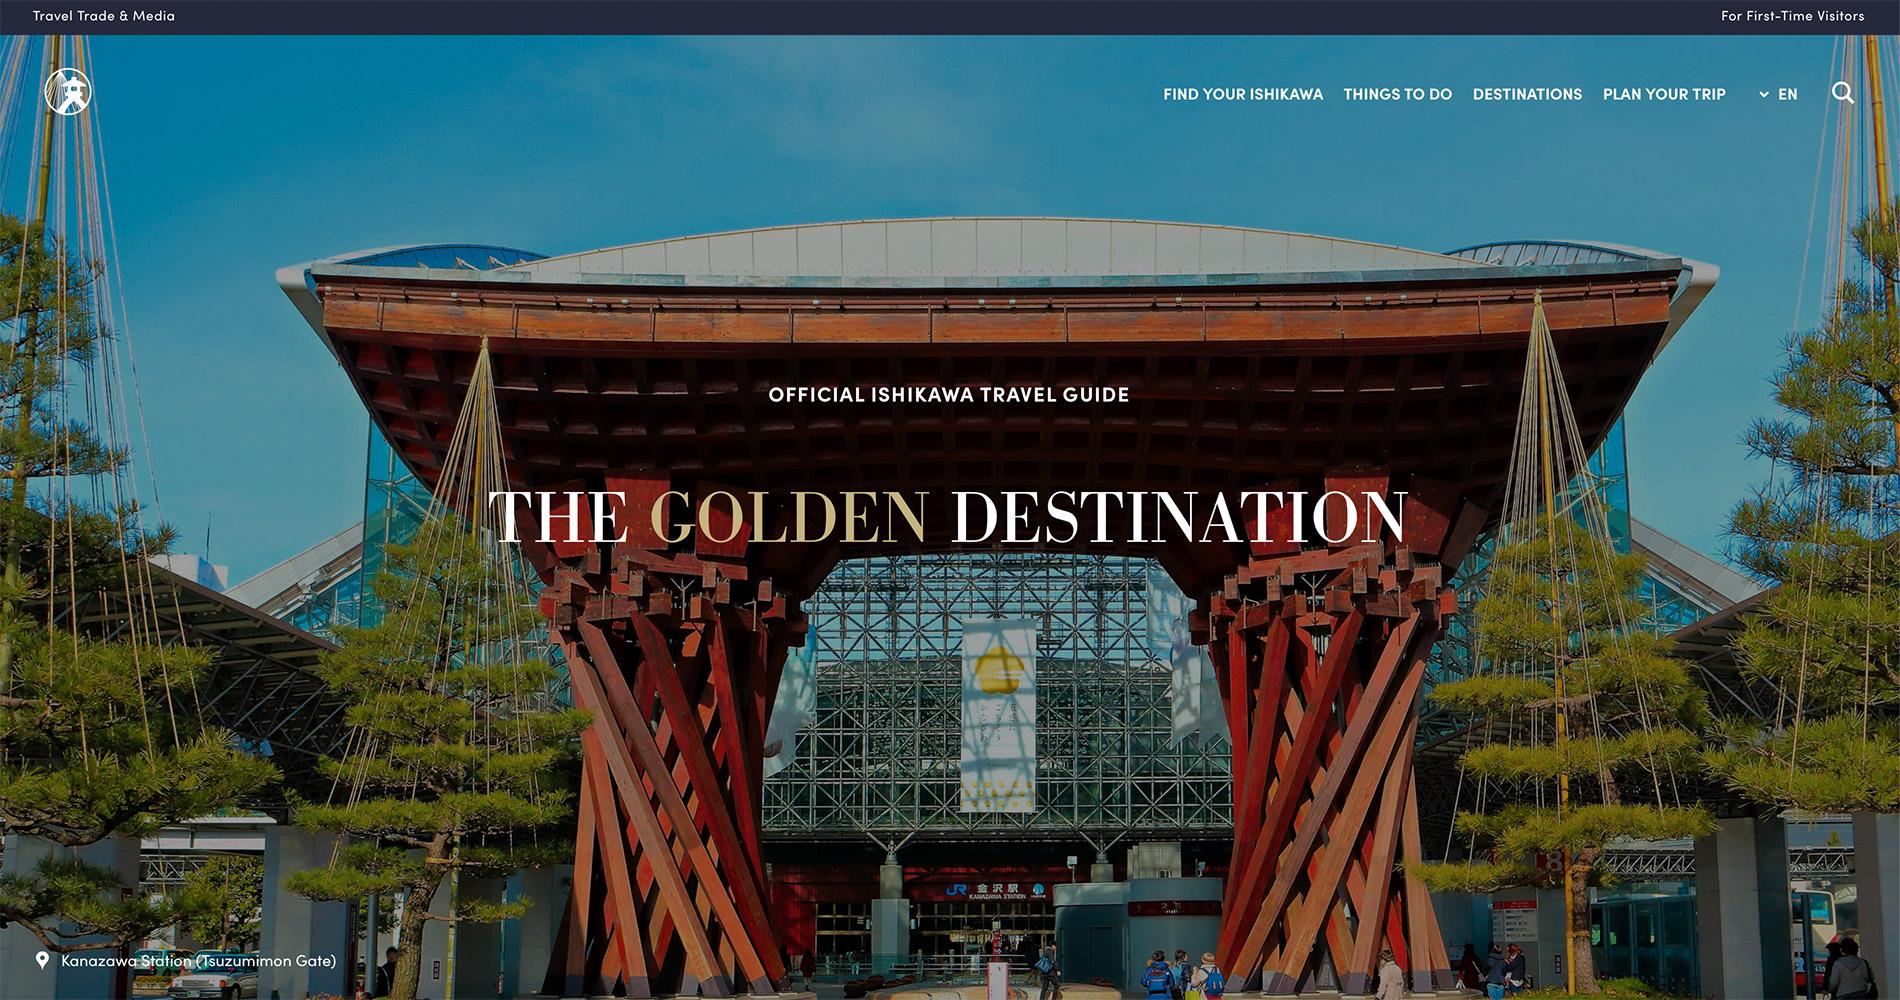 Die englische Webseite des Tourismusverbandes der Präfektur Ishikawa.